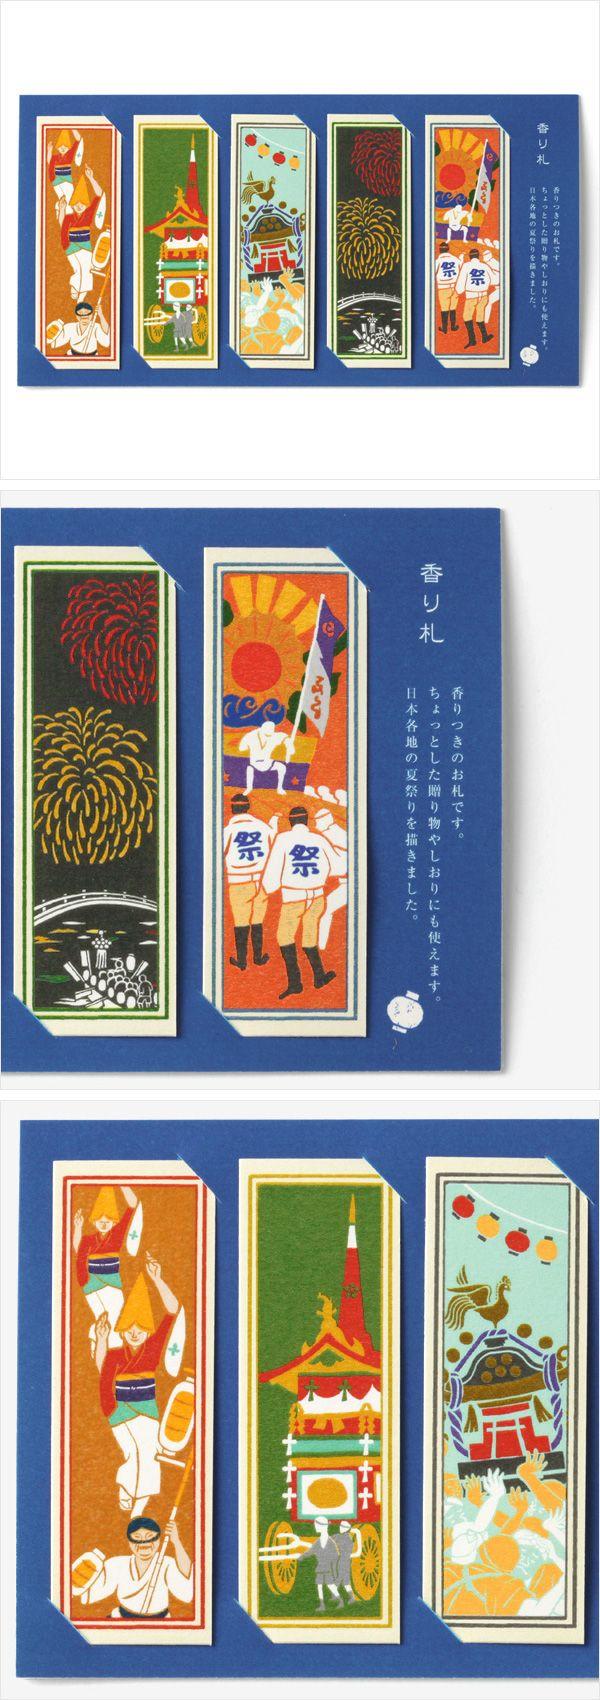 【香り札 まつり(中川政七商店)】/千社札に見立てた、香りつきのお札です。日本各地の夏祭りを描きました。千社札とは、元来お参りの際に幸運祈願と訪れた記念に鳥居などに貼る名前や出身地を書いた紙札です。やがて、札には名前だけでなく美しい絵柄がほどこされたものも作られるようになり、洒落をひねったものや、浮世絵師が作った本格的なものまで生まれ、交換会が行われるようになりました。メッセージと共に贈りものに添えたり、しおりとしてもお楽しみいただけます。 #souvenir